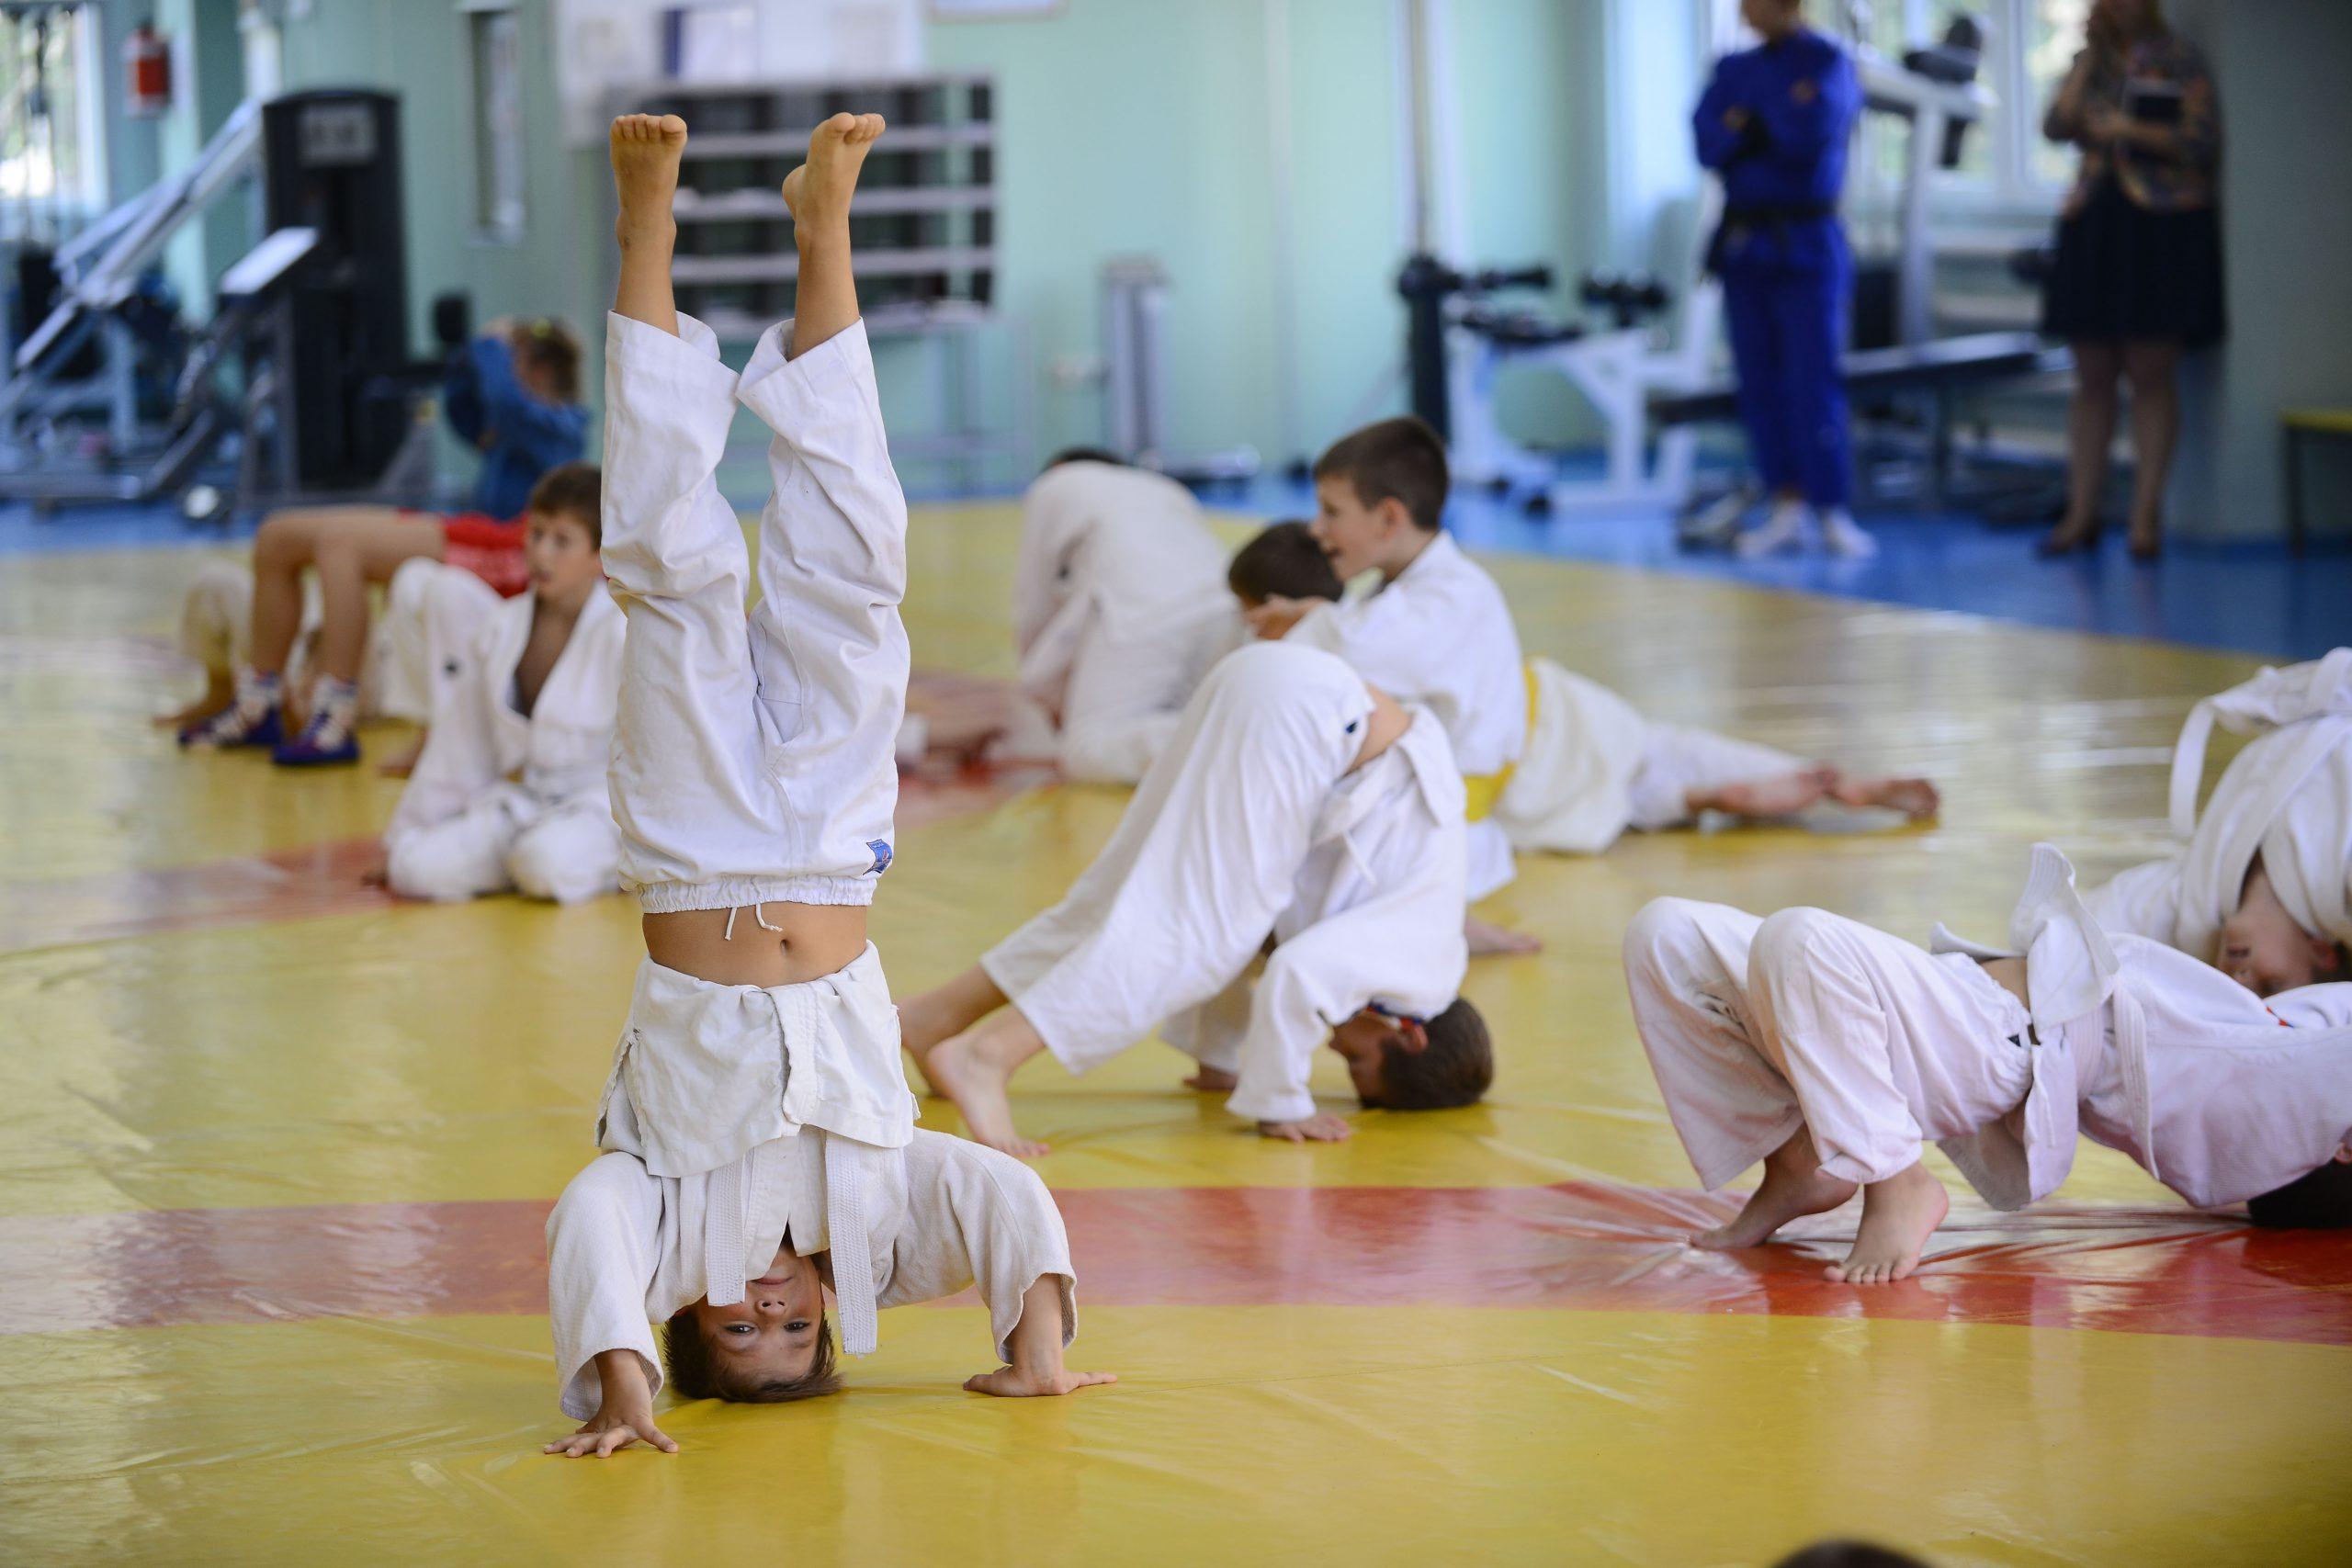 Мастер-класс посетили воспитанники спортивного клуба «Схватка» поселения Десеновское